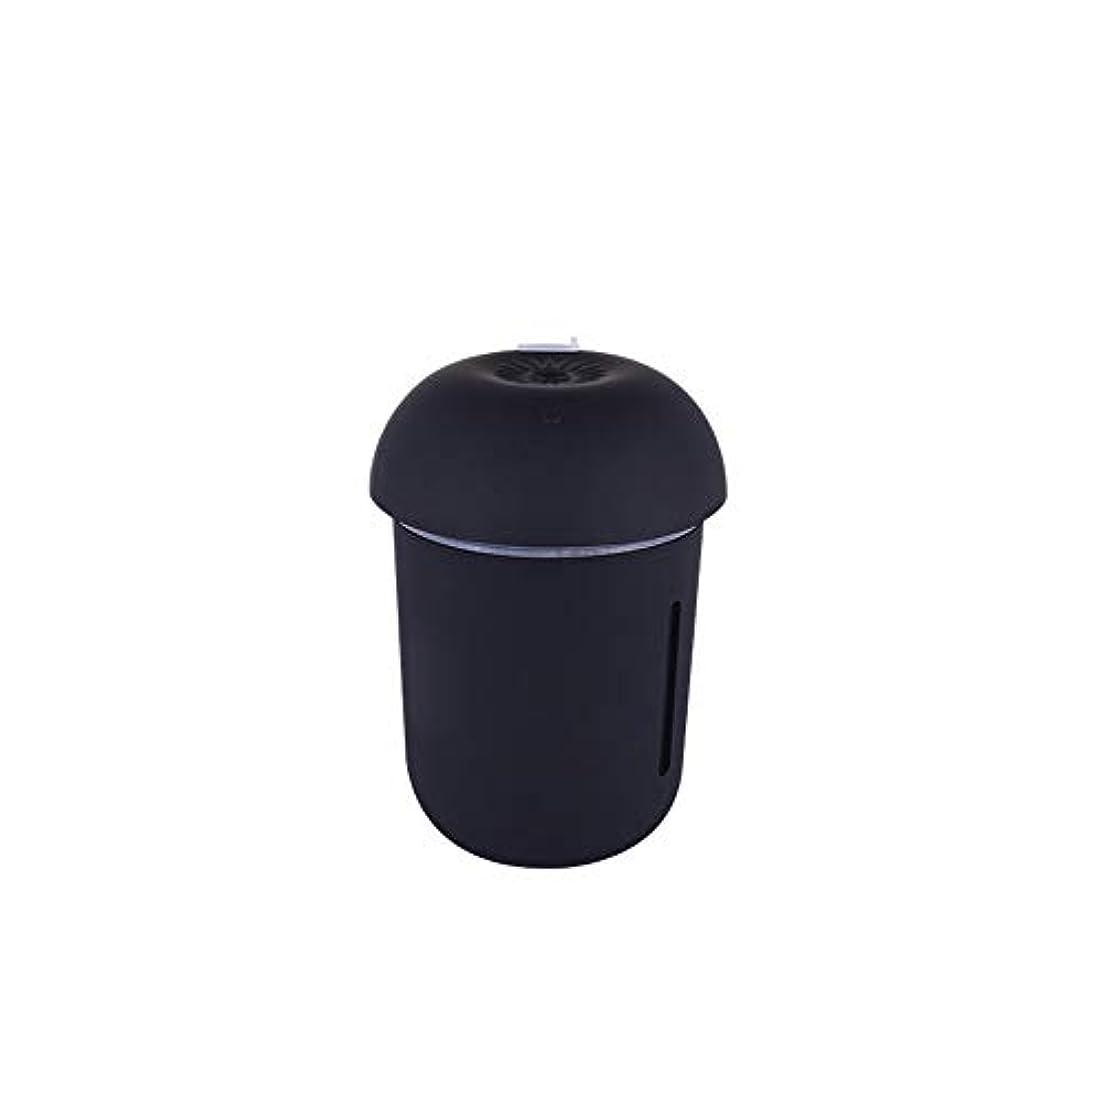 安定上院金額ZXF クリエイティブ多機能水道メーターファンナイトライトスリーインワンきのこ加湿器usb充電車の空気清浄機美容機器 滑らかである (色 : Black)